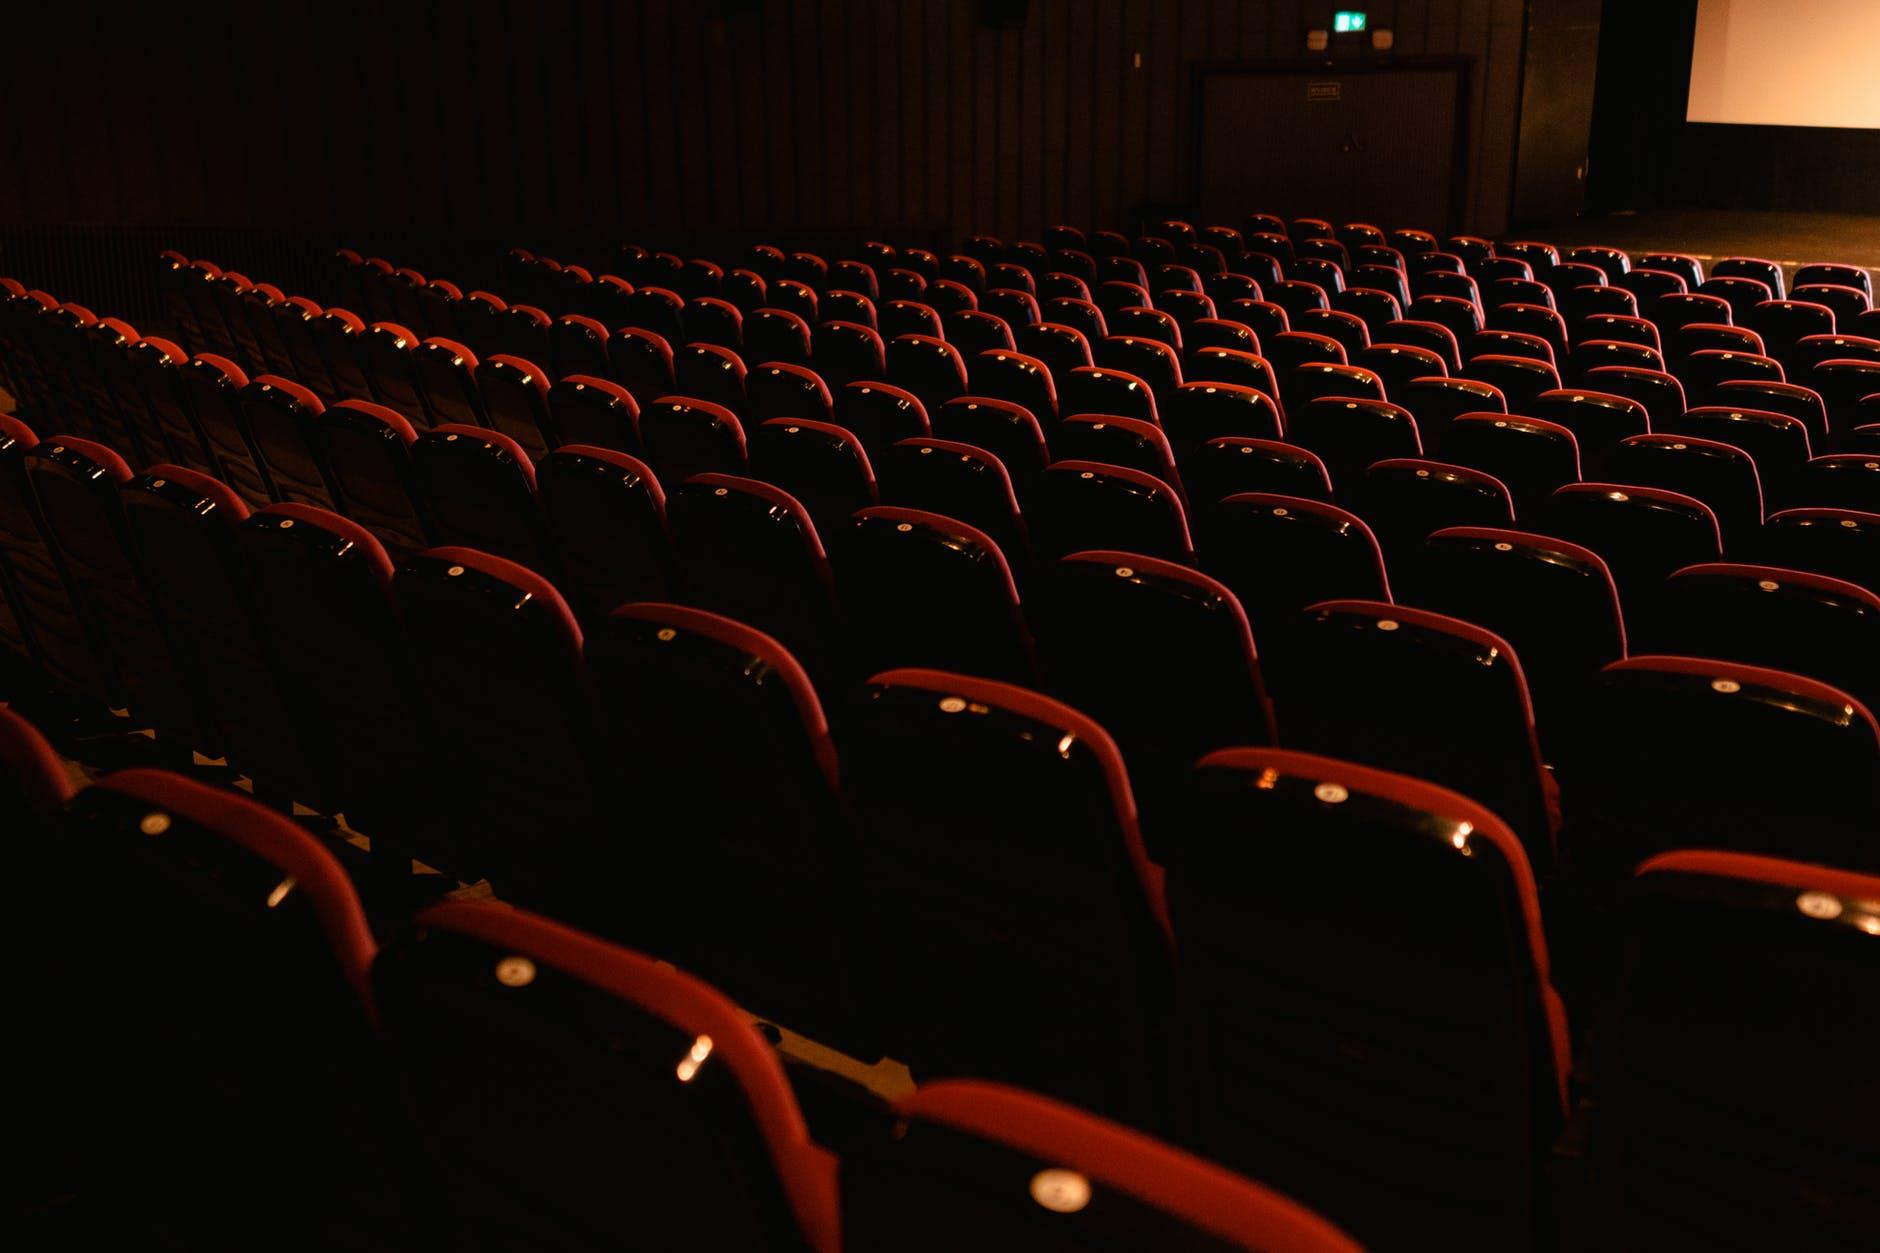 Гарри Поттер и его друзья возвращаются в испанские кинотеатры